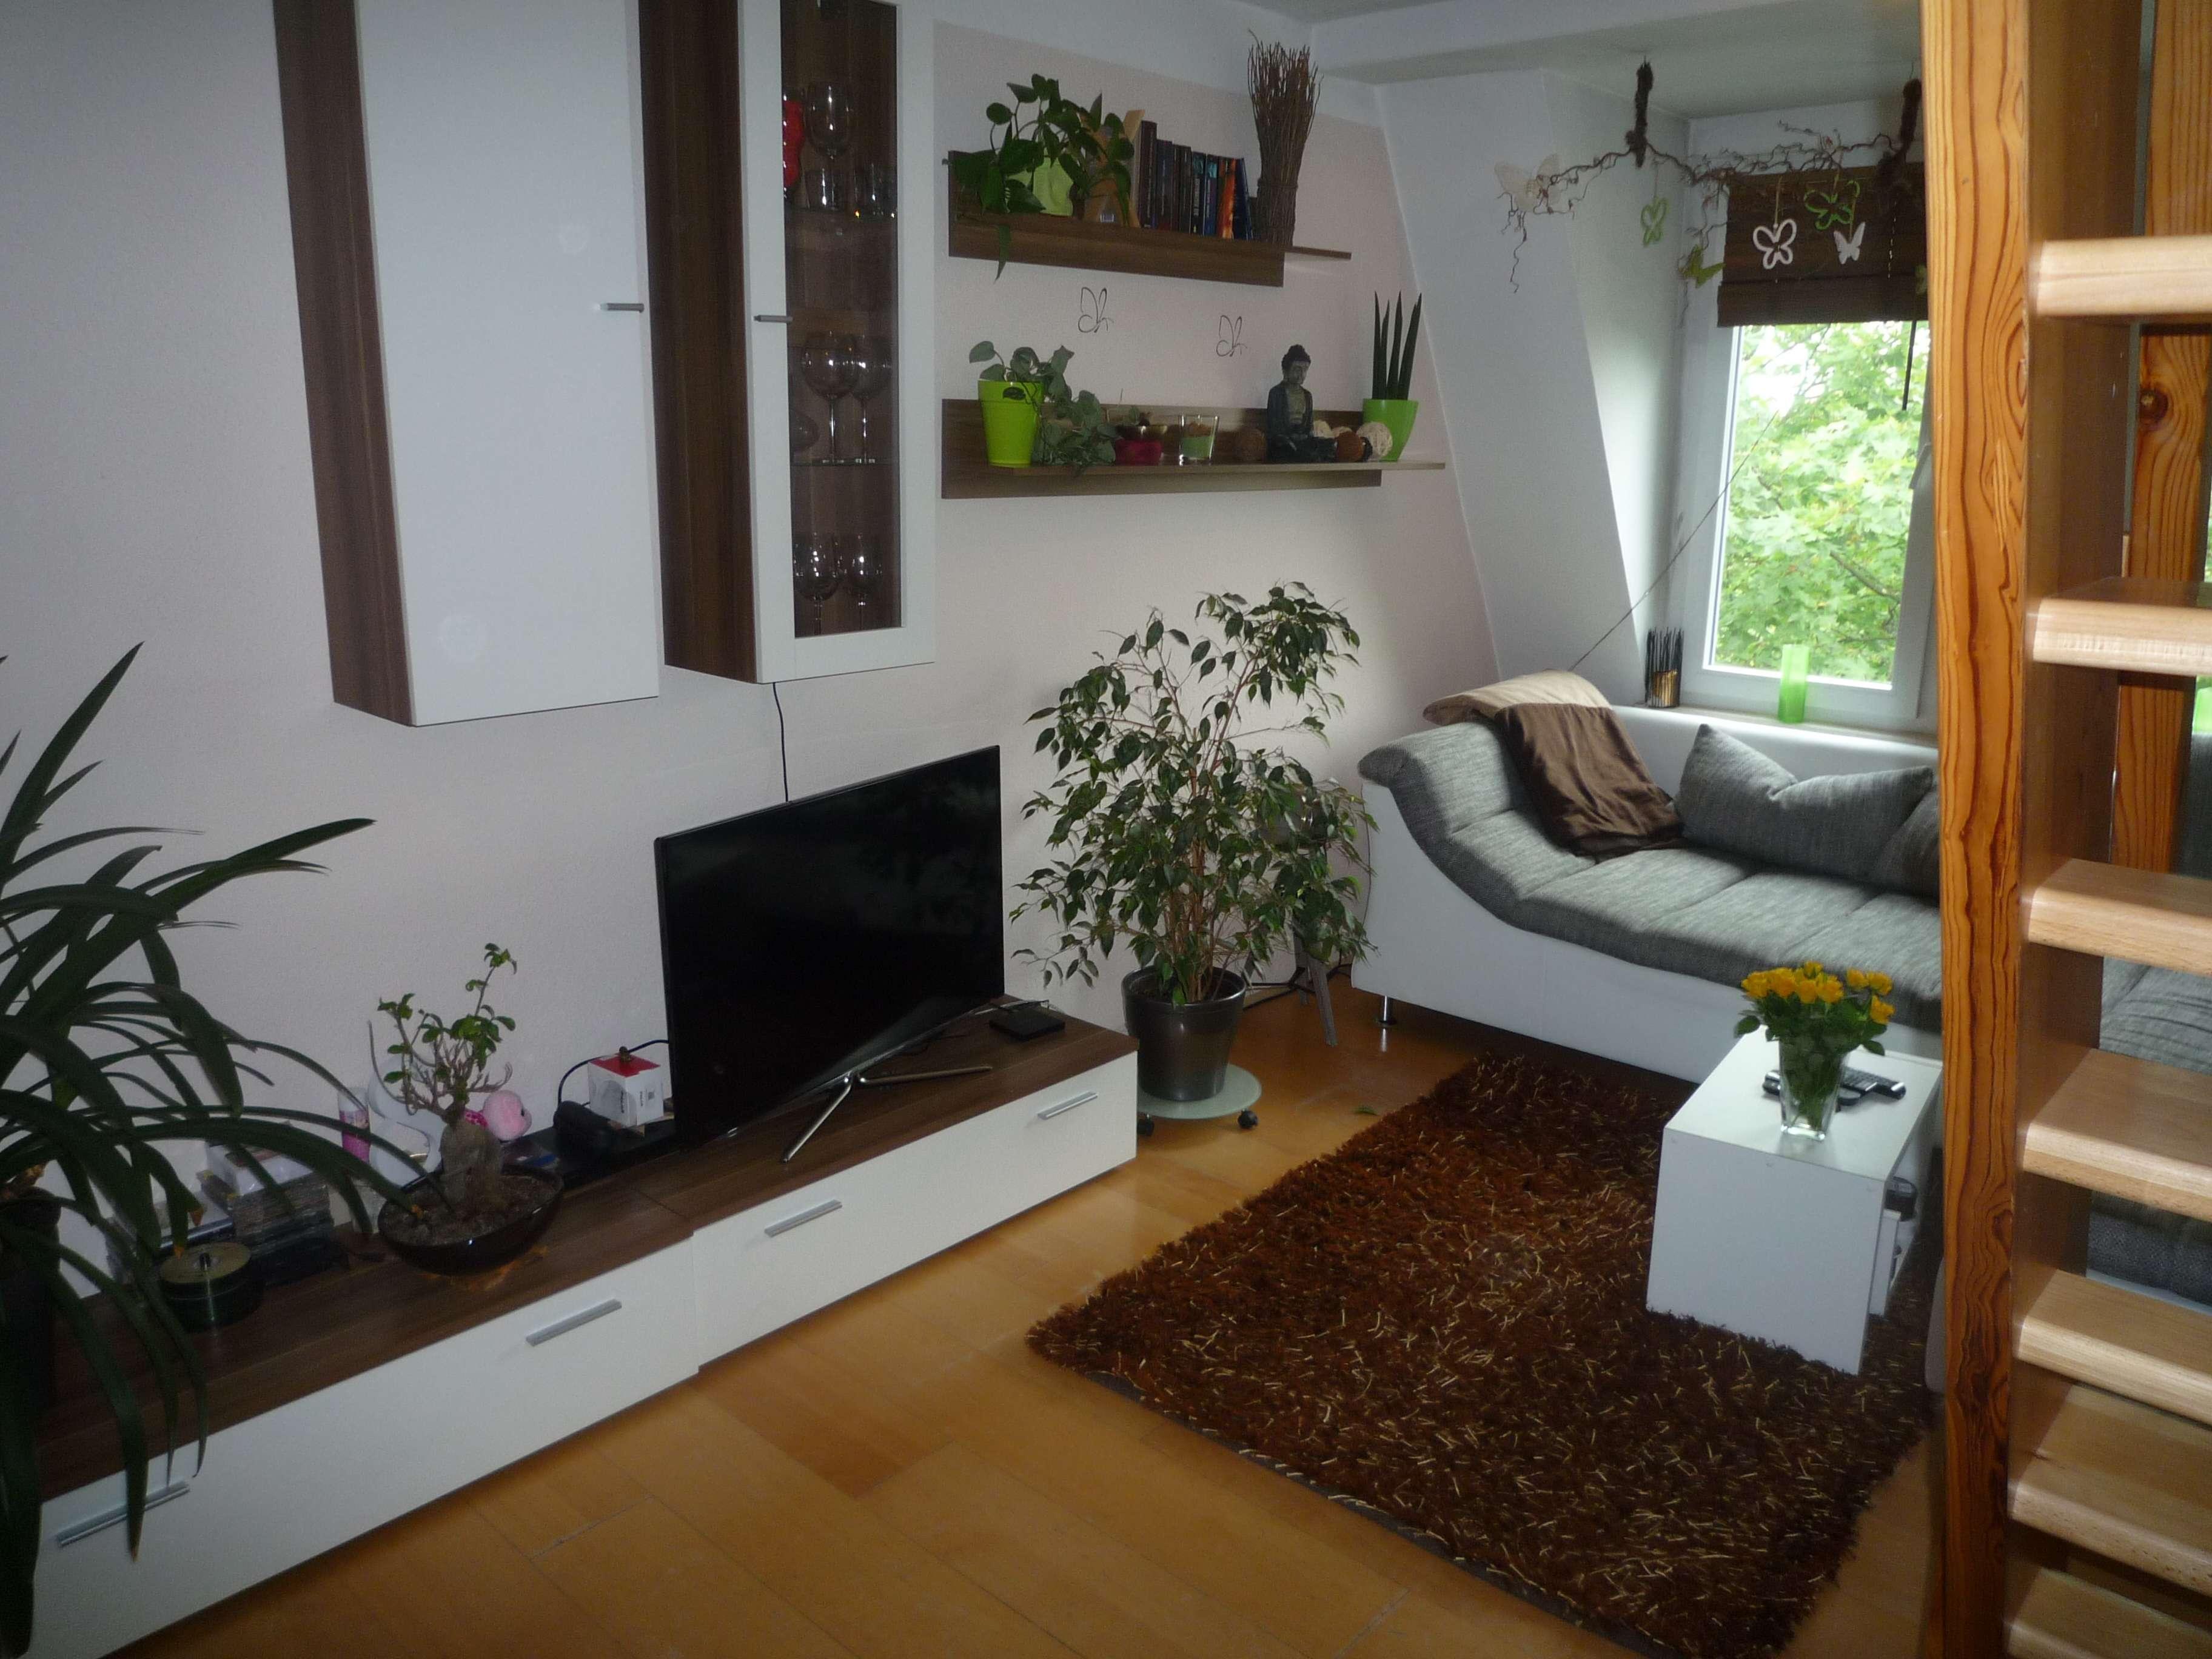 Anspruchsvolles Wohnen fur junge Leute in Nürnberger Südstadt in